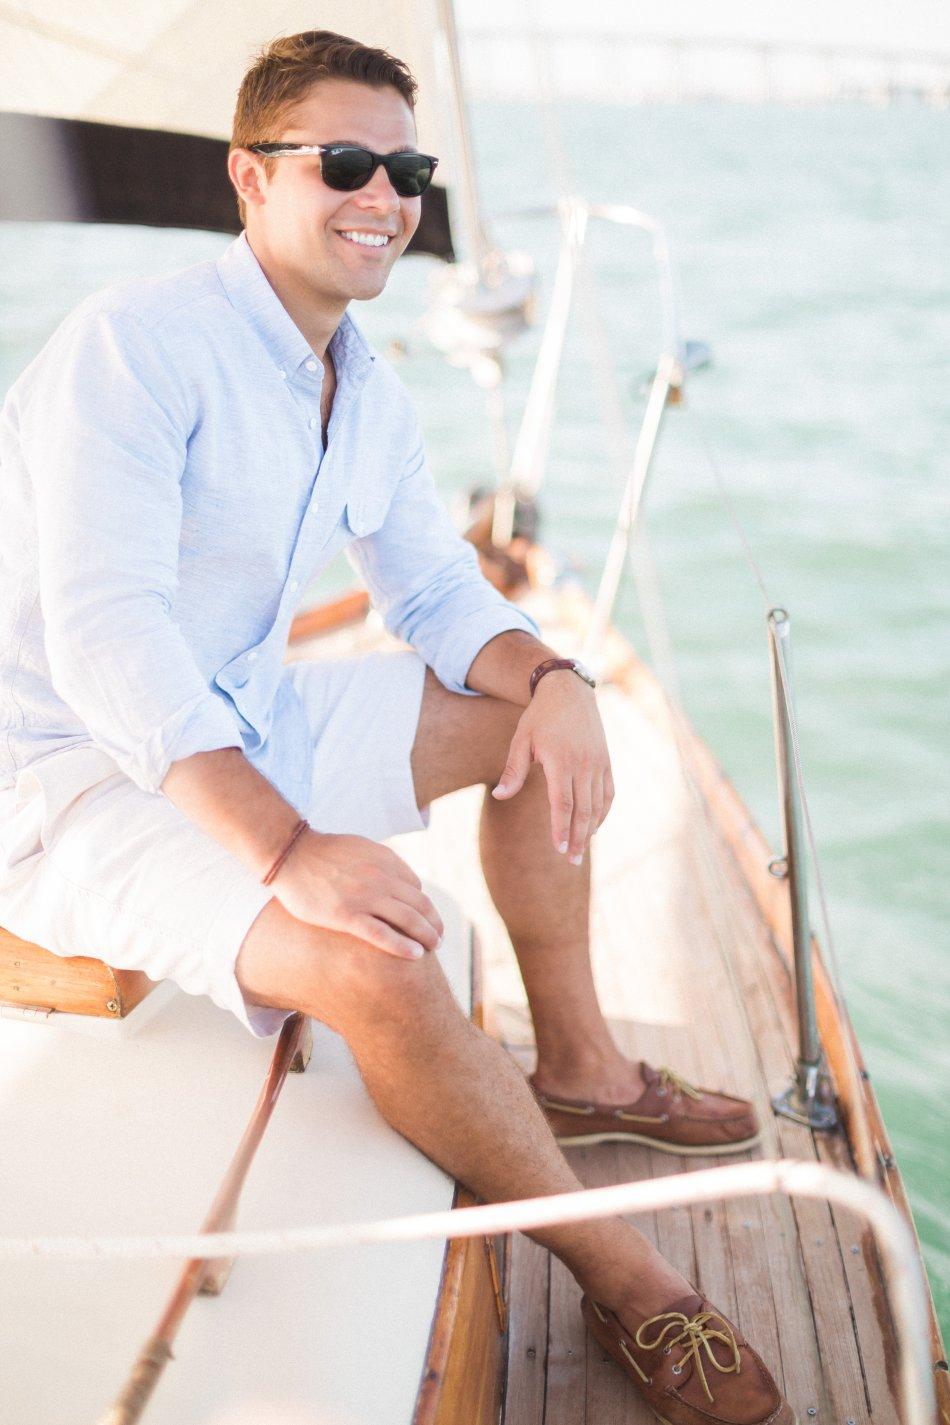 naples-luxury-sailing-engagement-photography-nautical-sailboat-engagement_1080.jpg